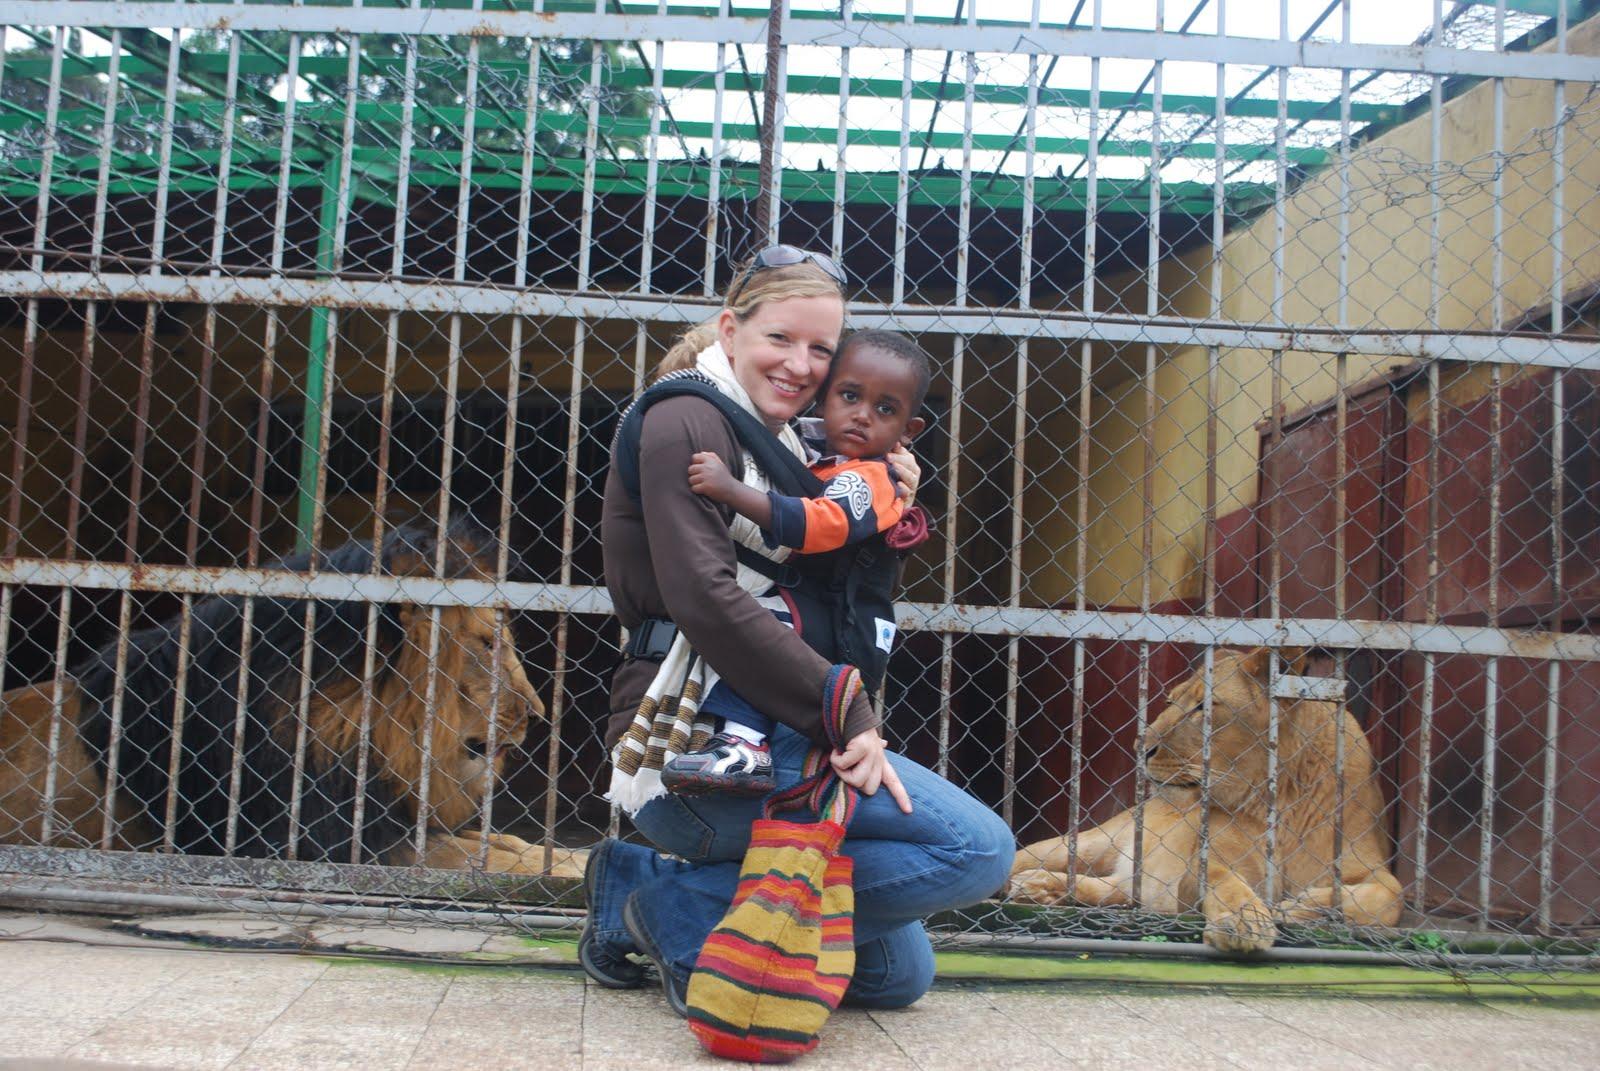 http://1.bp.blogspot.com/_P8to-T_WqEo/TKXWpKx5TJI/AAAAAAAAHdo/jpJDPyK7LiQ/s1600/Ethiopia+2+177.JPG